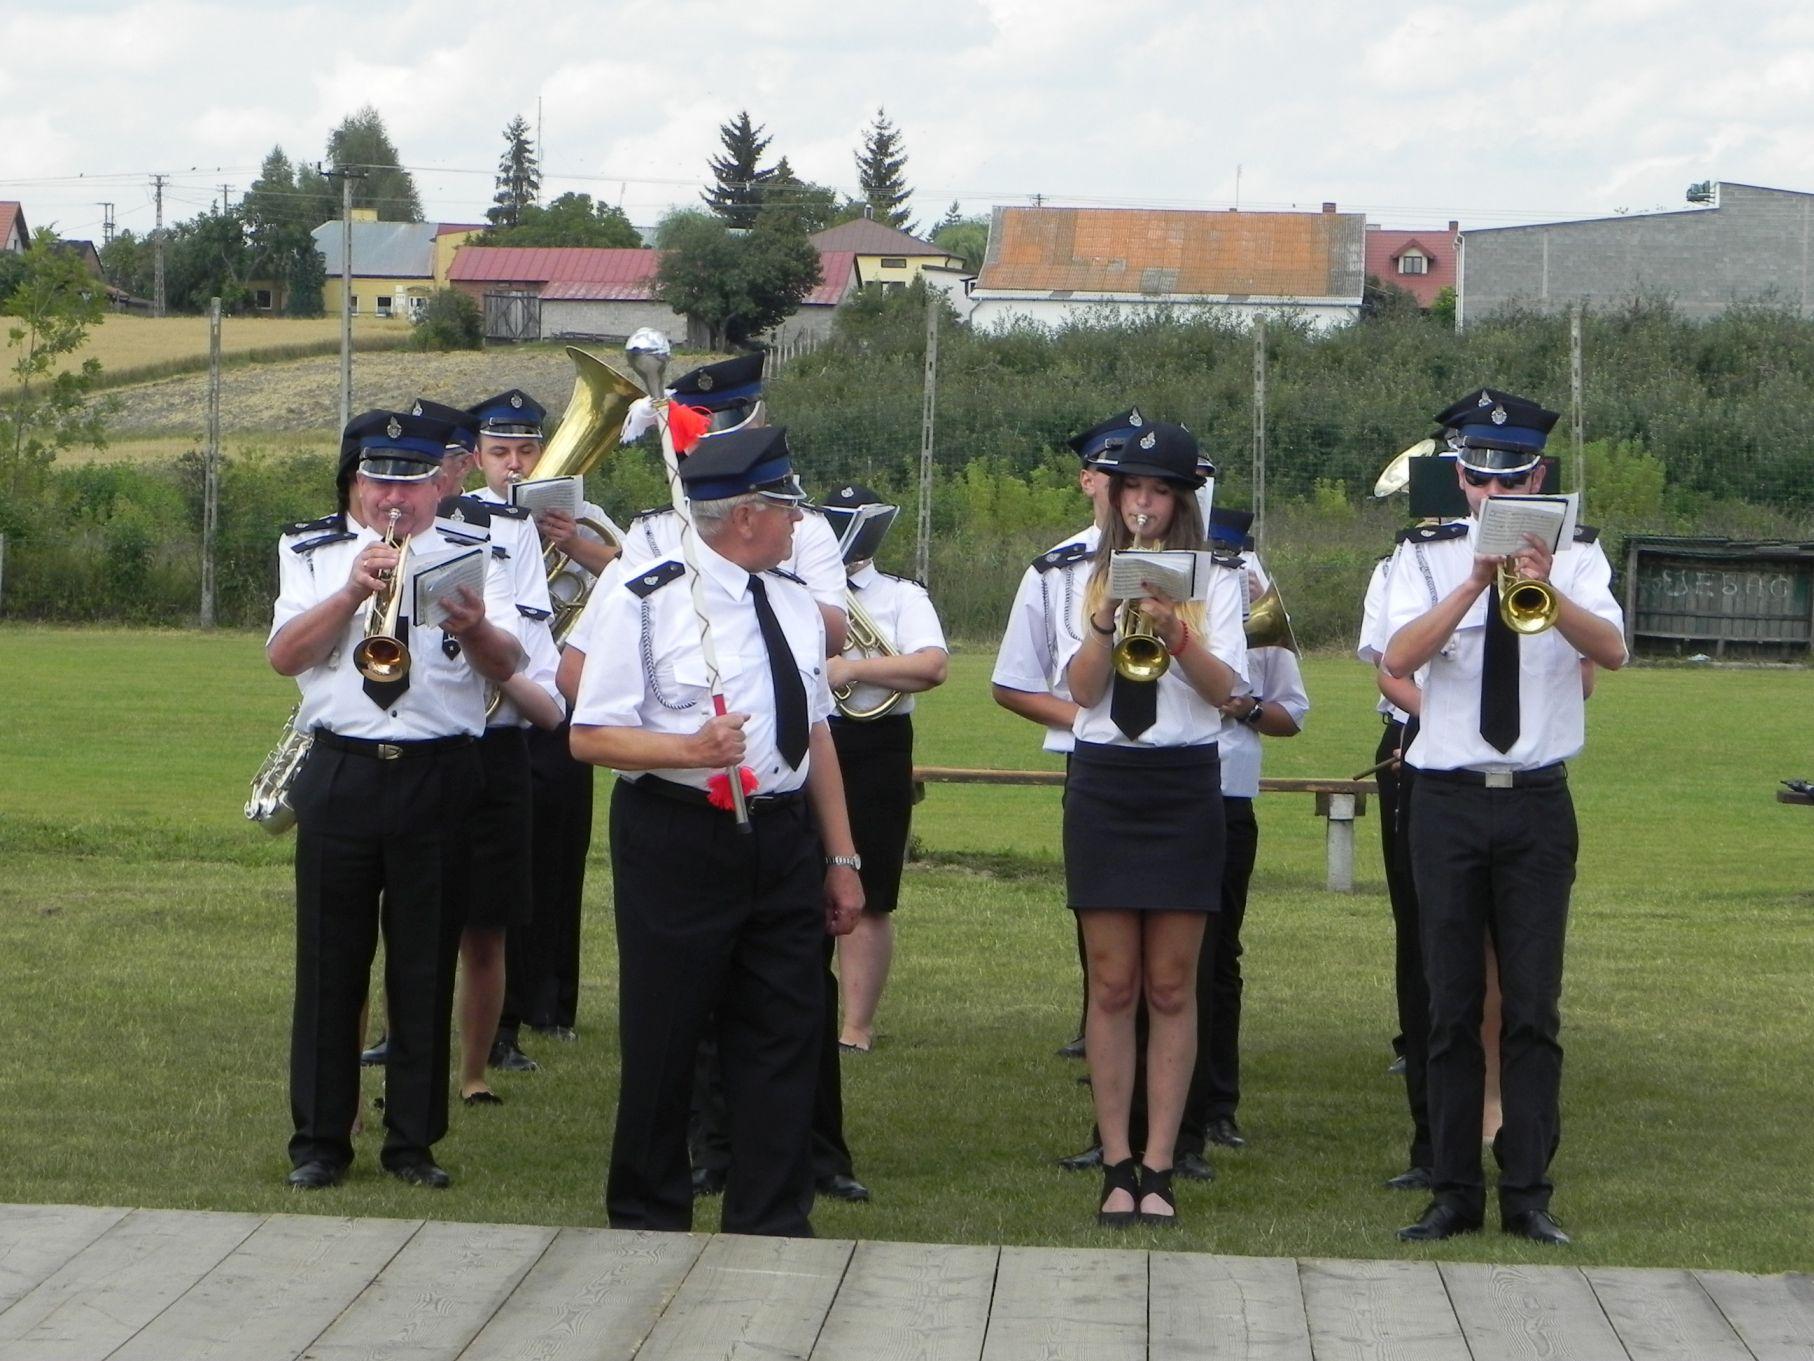 2013-08-13 Piknik w Regnowie (36)